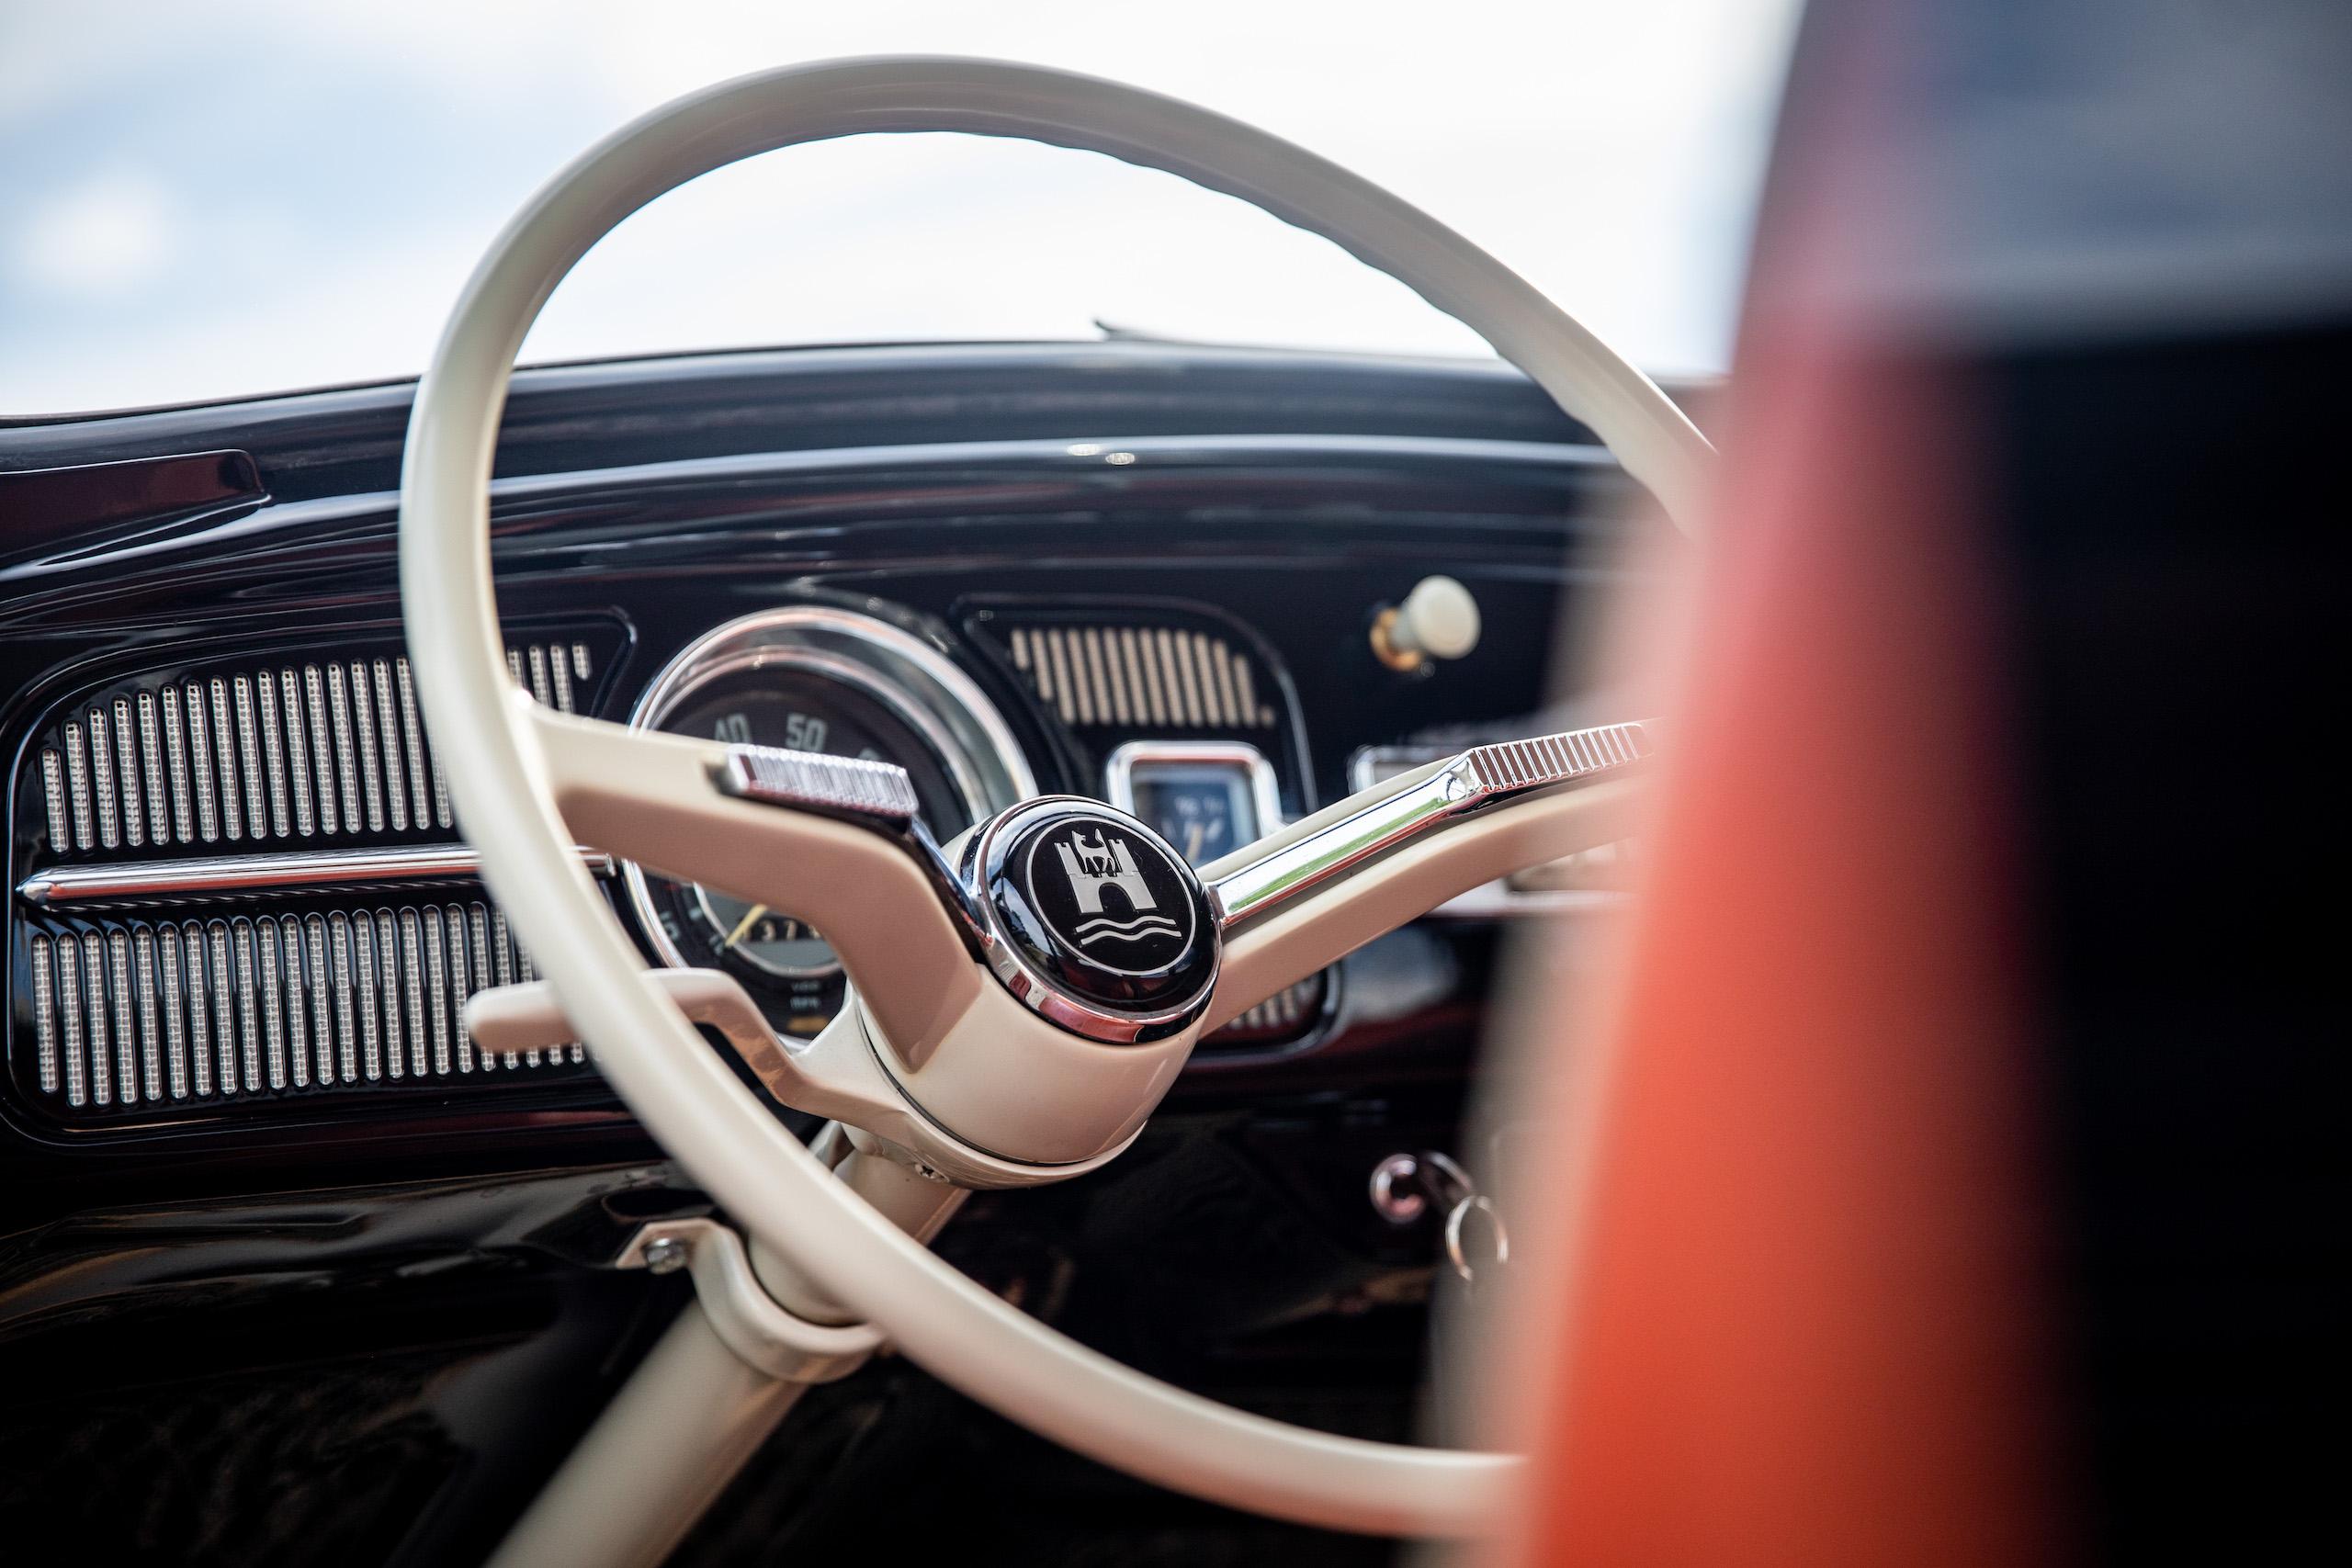 volkswagen beetle steering wheel close up